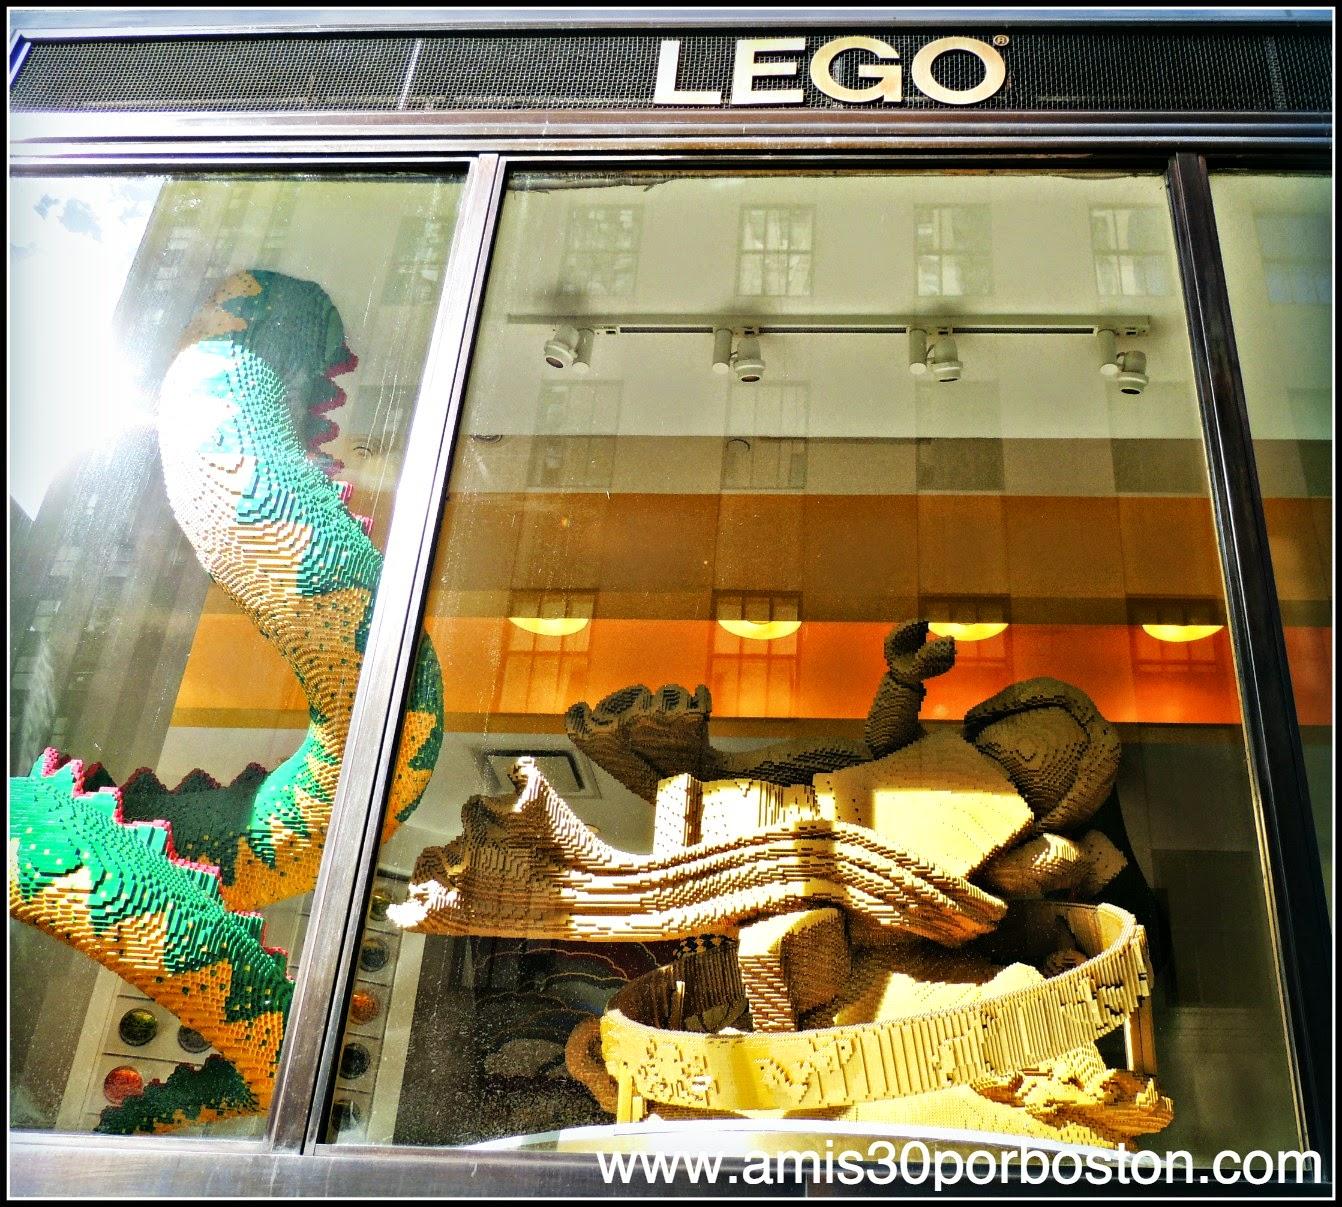 Segunda Vista a Nueva York: Tienda Lego del Rockefeller Center